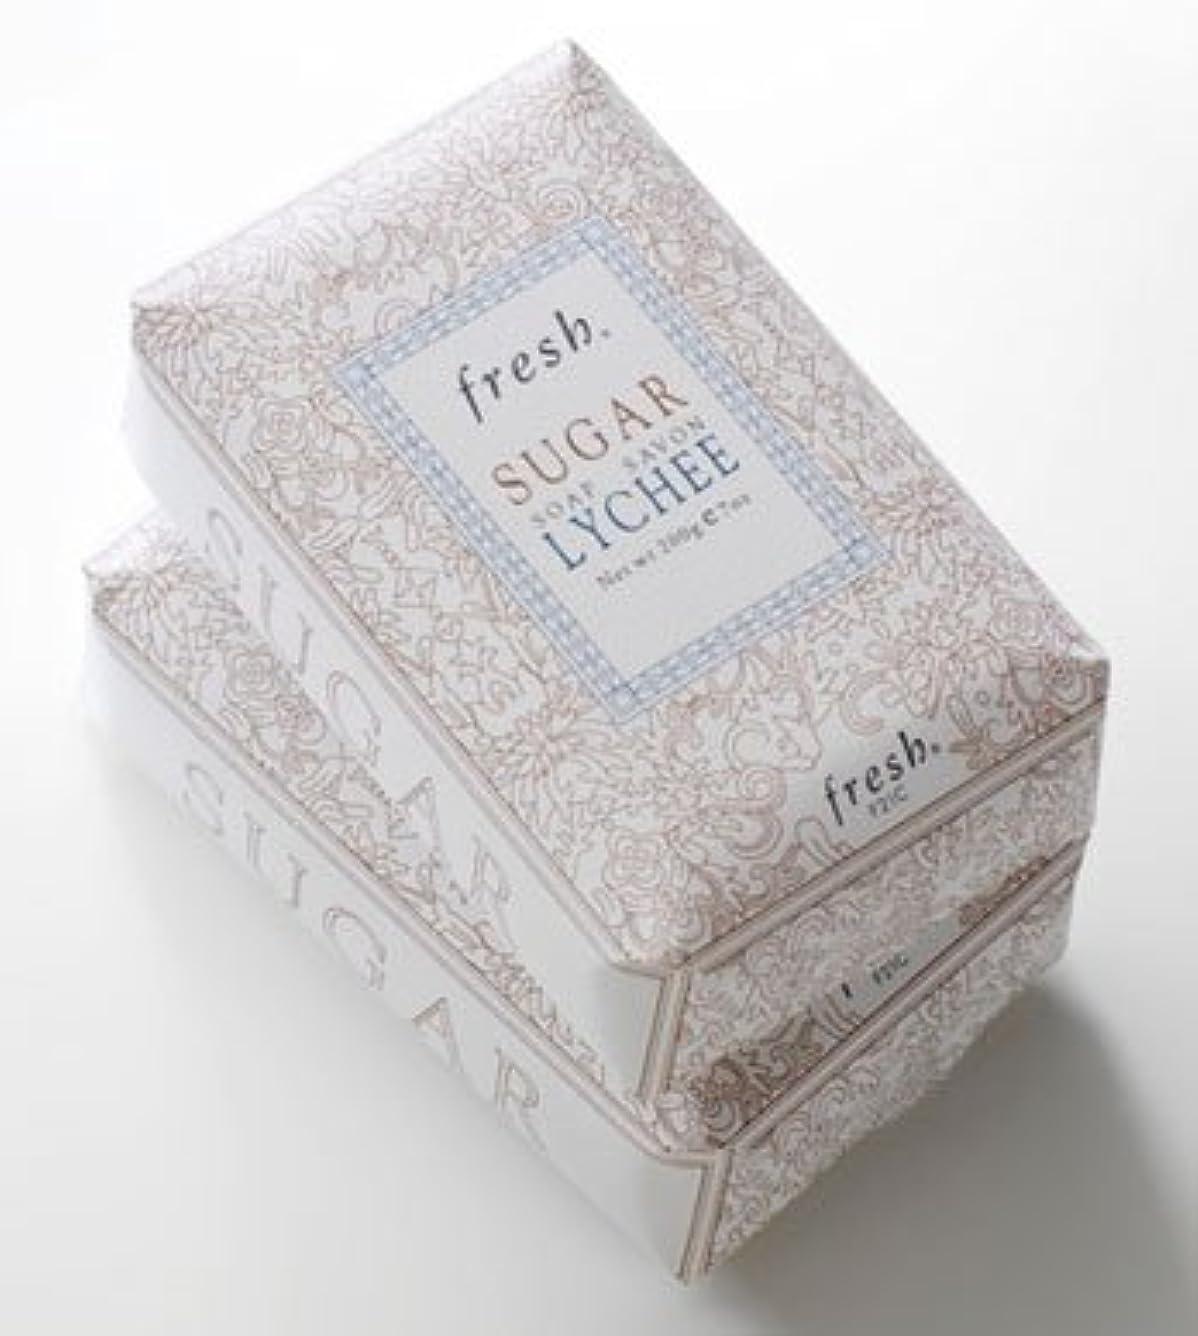 修道院犯人作りますFresh SUGAR LYCHEE SOAP(フレッシュ シュガーライチ ソープ) 7.0 oz (210g) by Fresh for Women